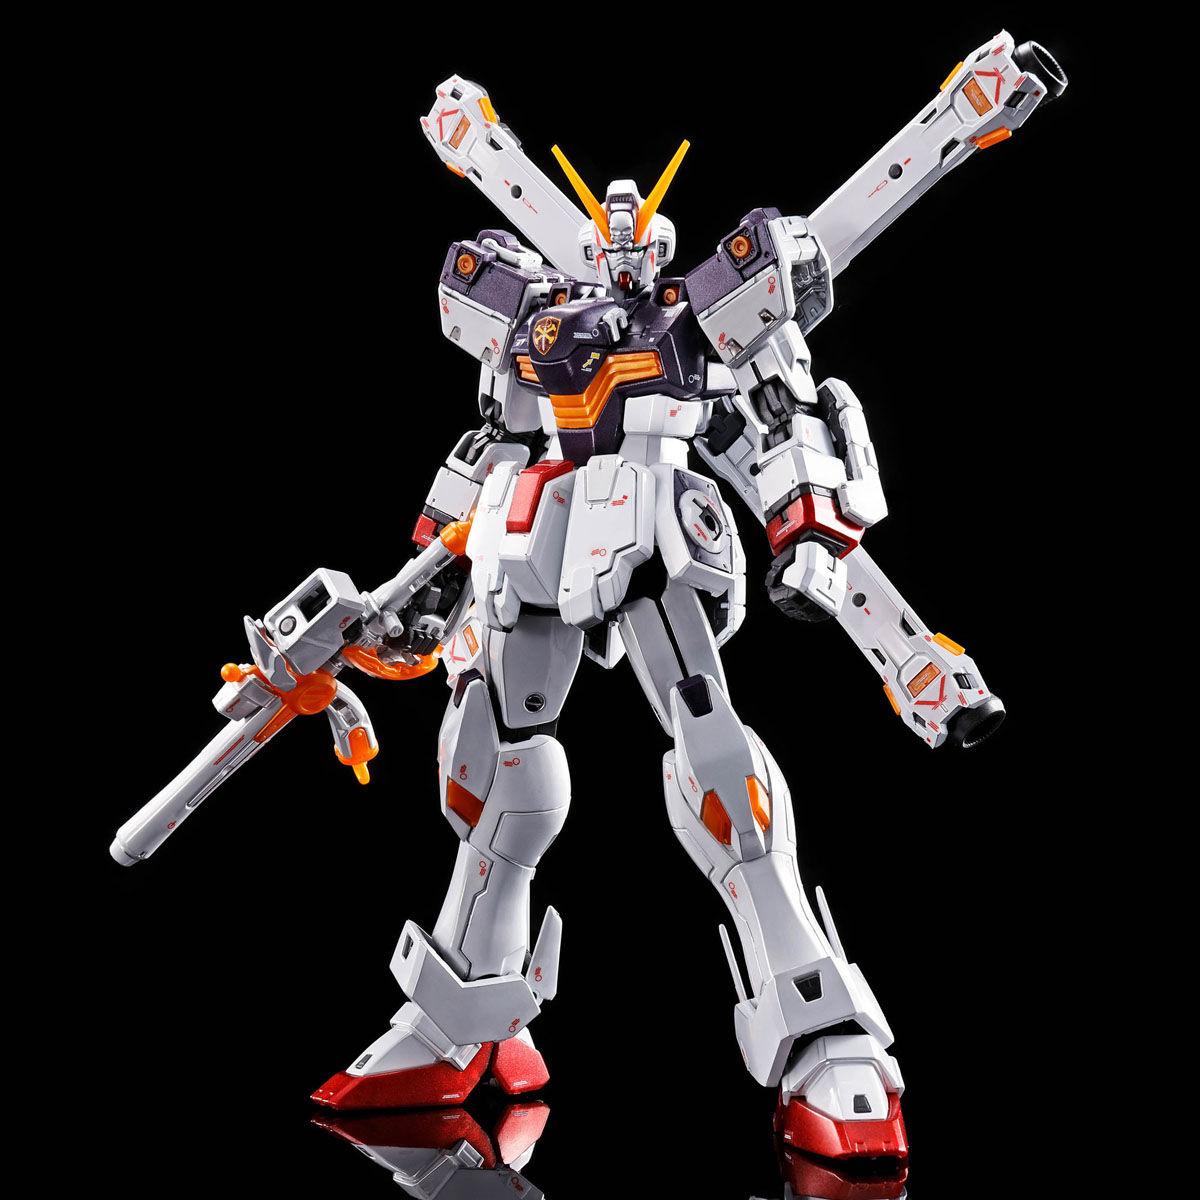 【限定販売】RG 1/144『クロスボーン・ガンダムX1[チタニウムフィニッシュ]』プラモデル-002